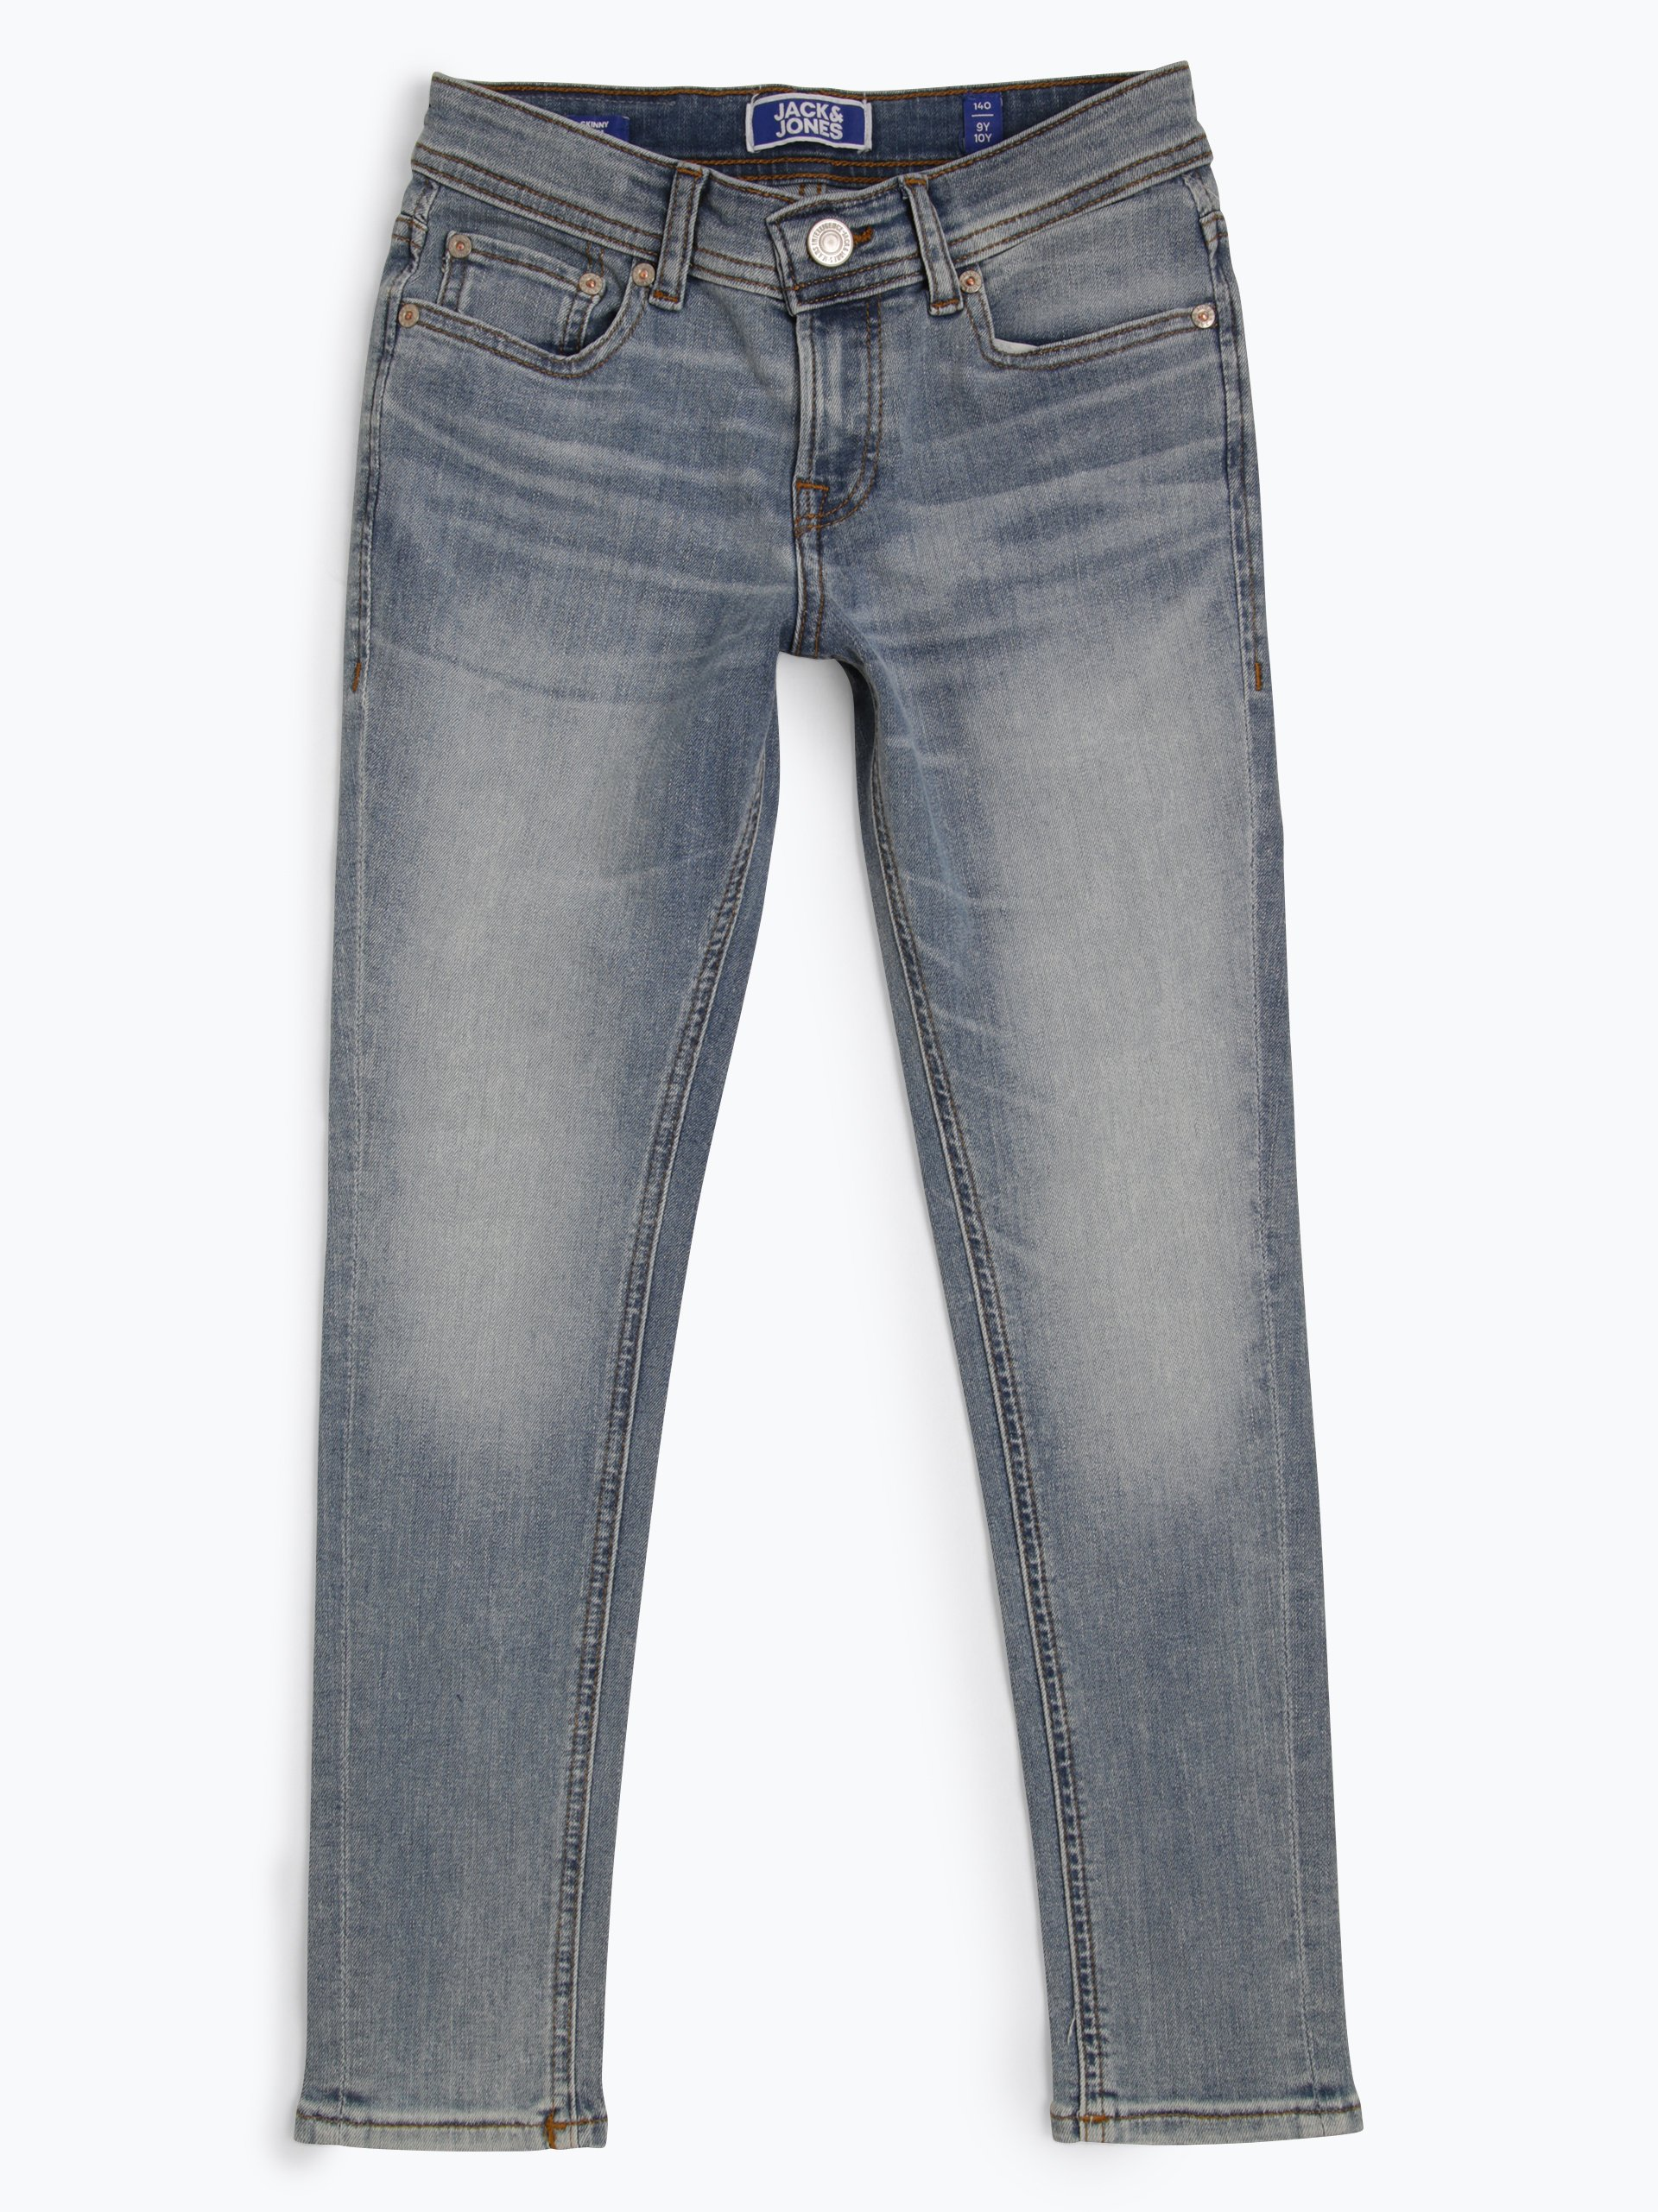 Jack & Jones Jungen Jeans Skinny - Liam